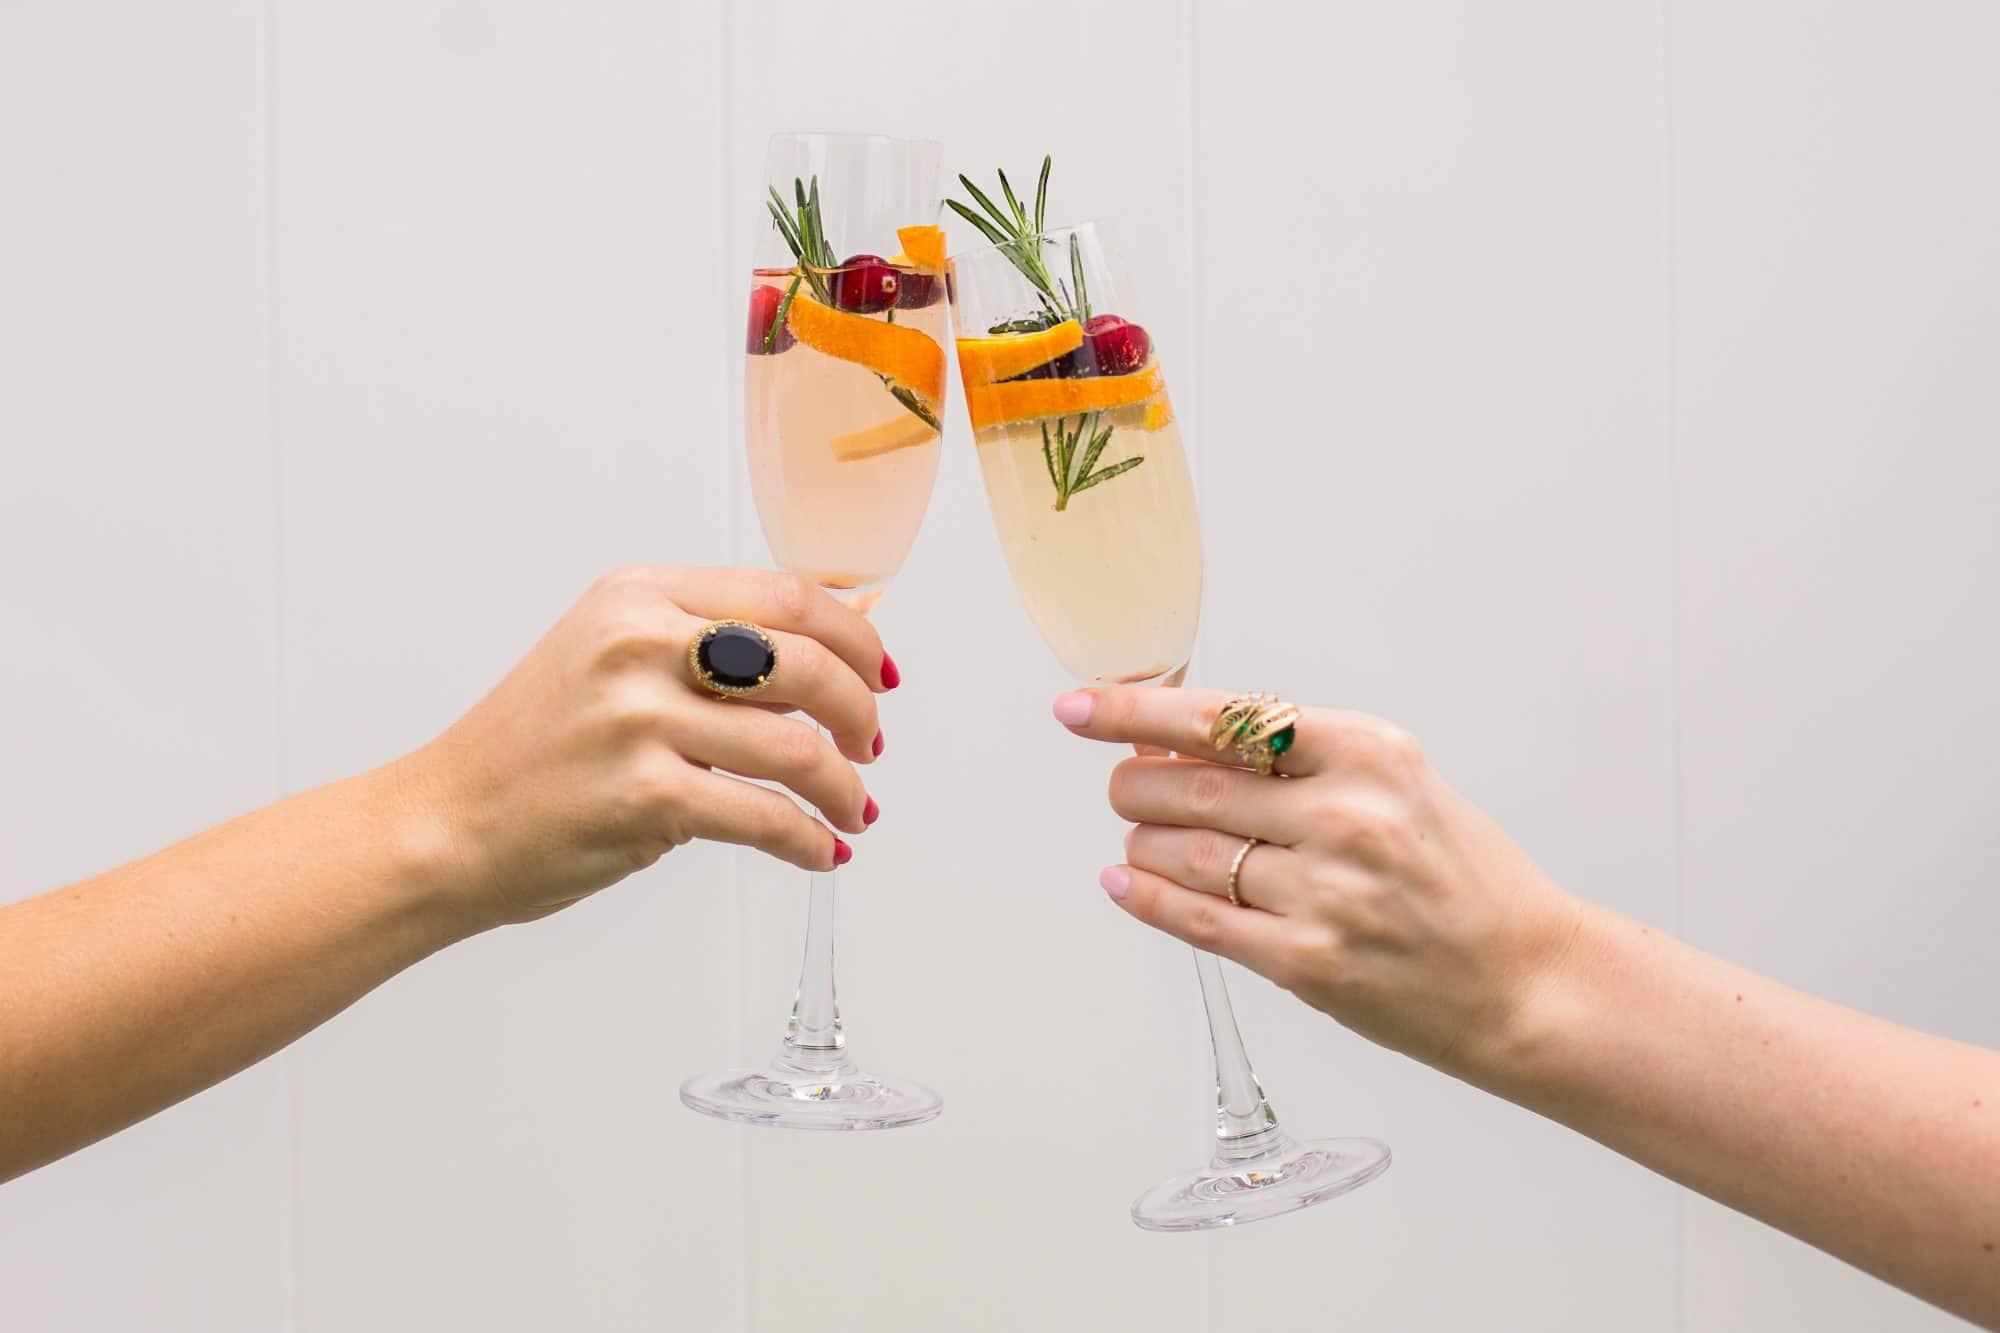 Popping Champagne - Ashley Brooke @ashleybrooke